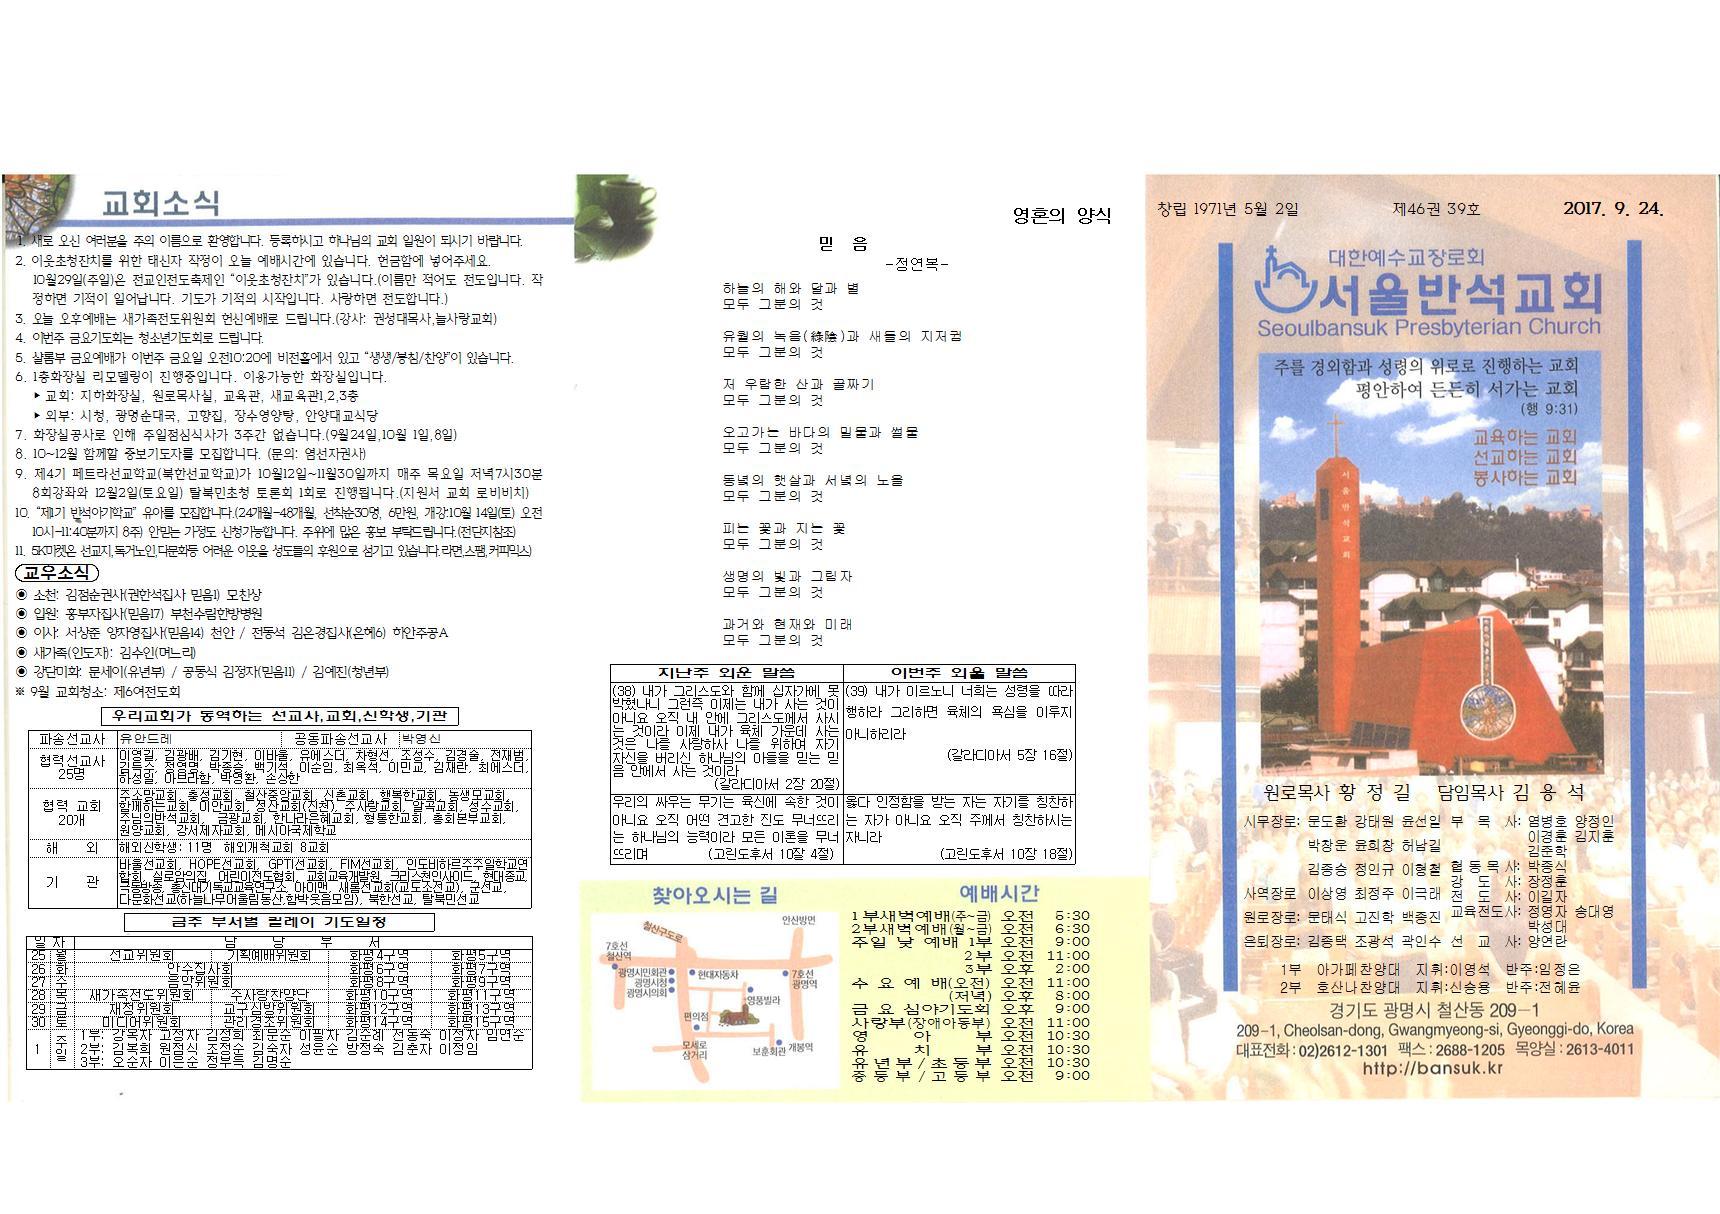 주보 제46권 39호(2017.09.24)